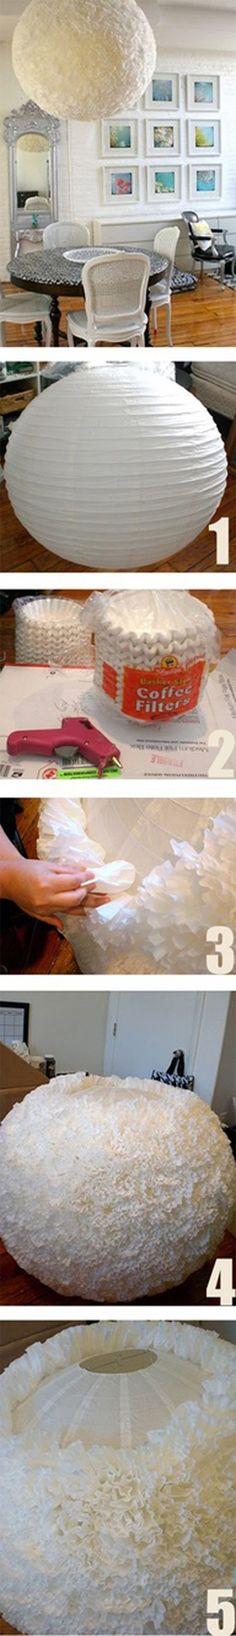 Lamp light diy  paper